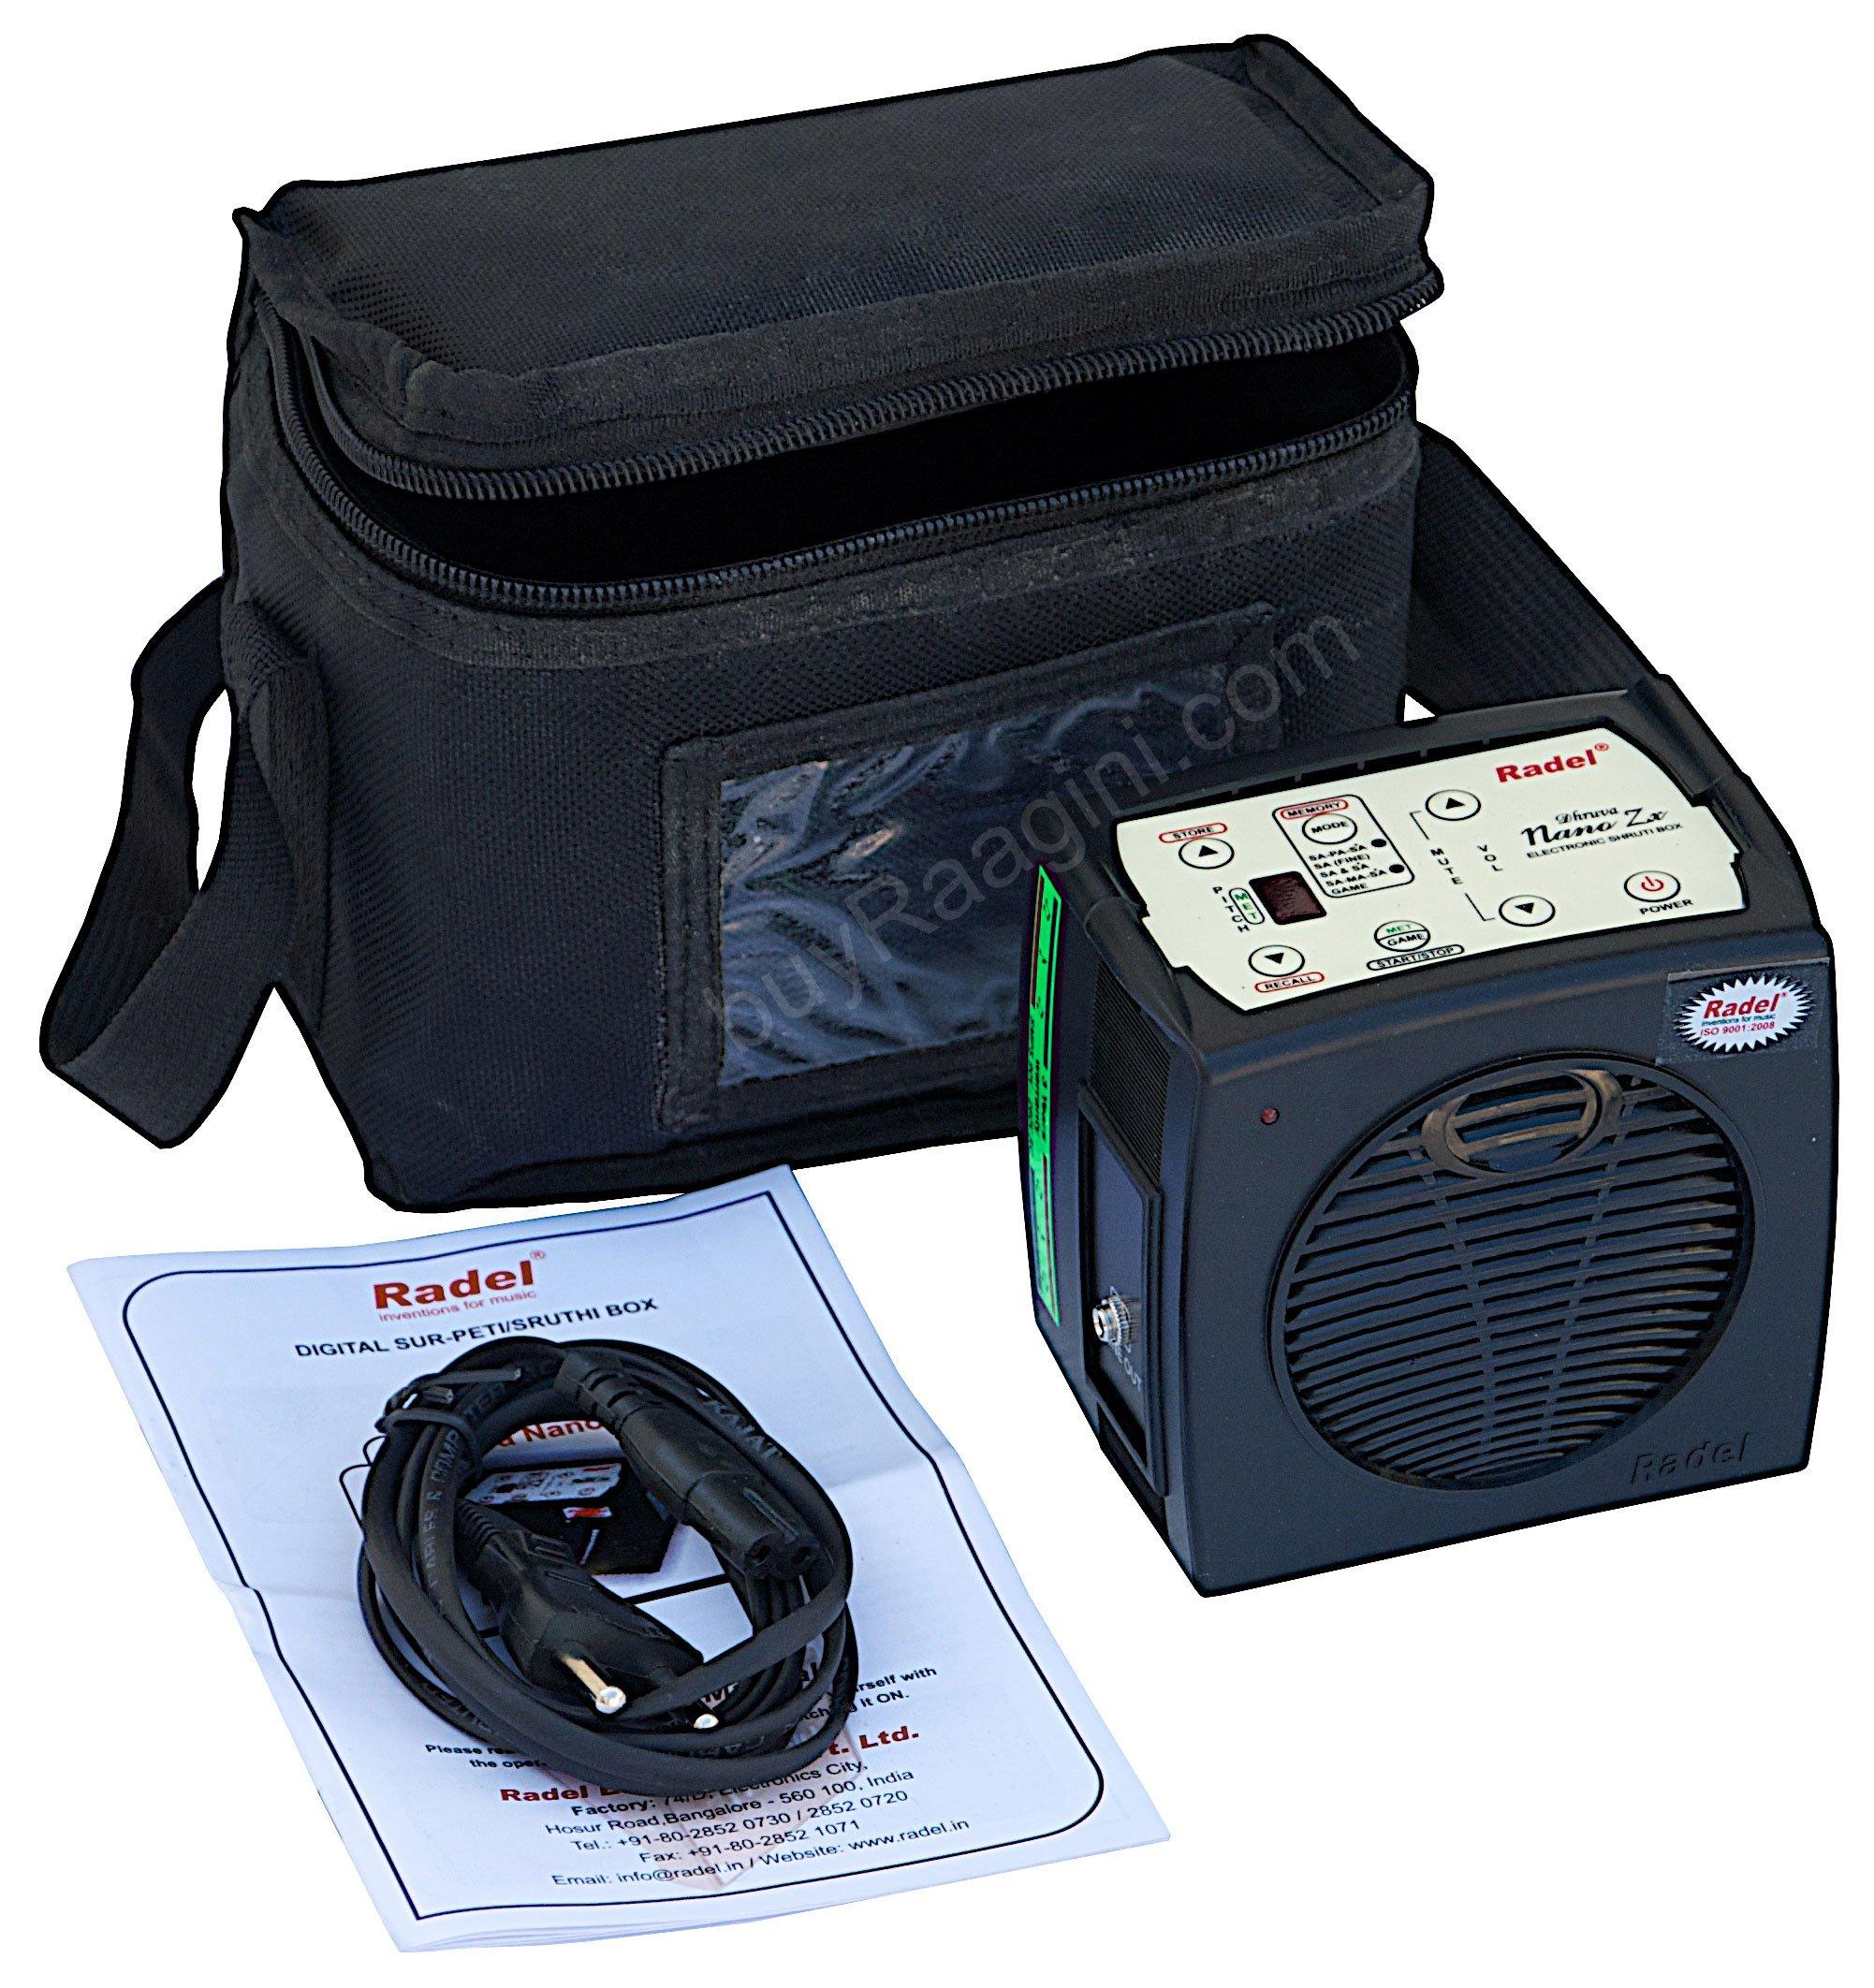 Electronic Shruti Box - RADEL Dhruva Nano Zx Shruti Box, Surpeti, Shruthi Box, Digital Shruti Box, Bag, Instruction Manual, Power Cord (PDI-AFJ)